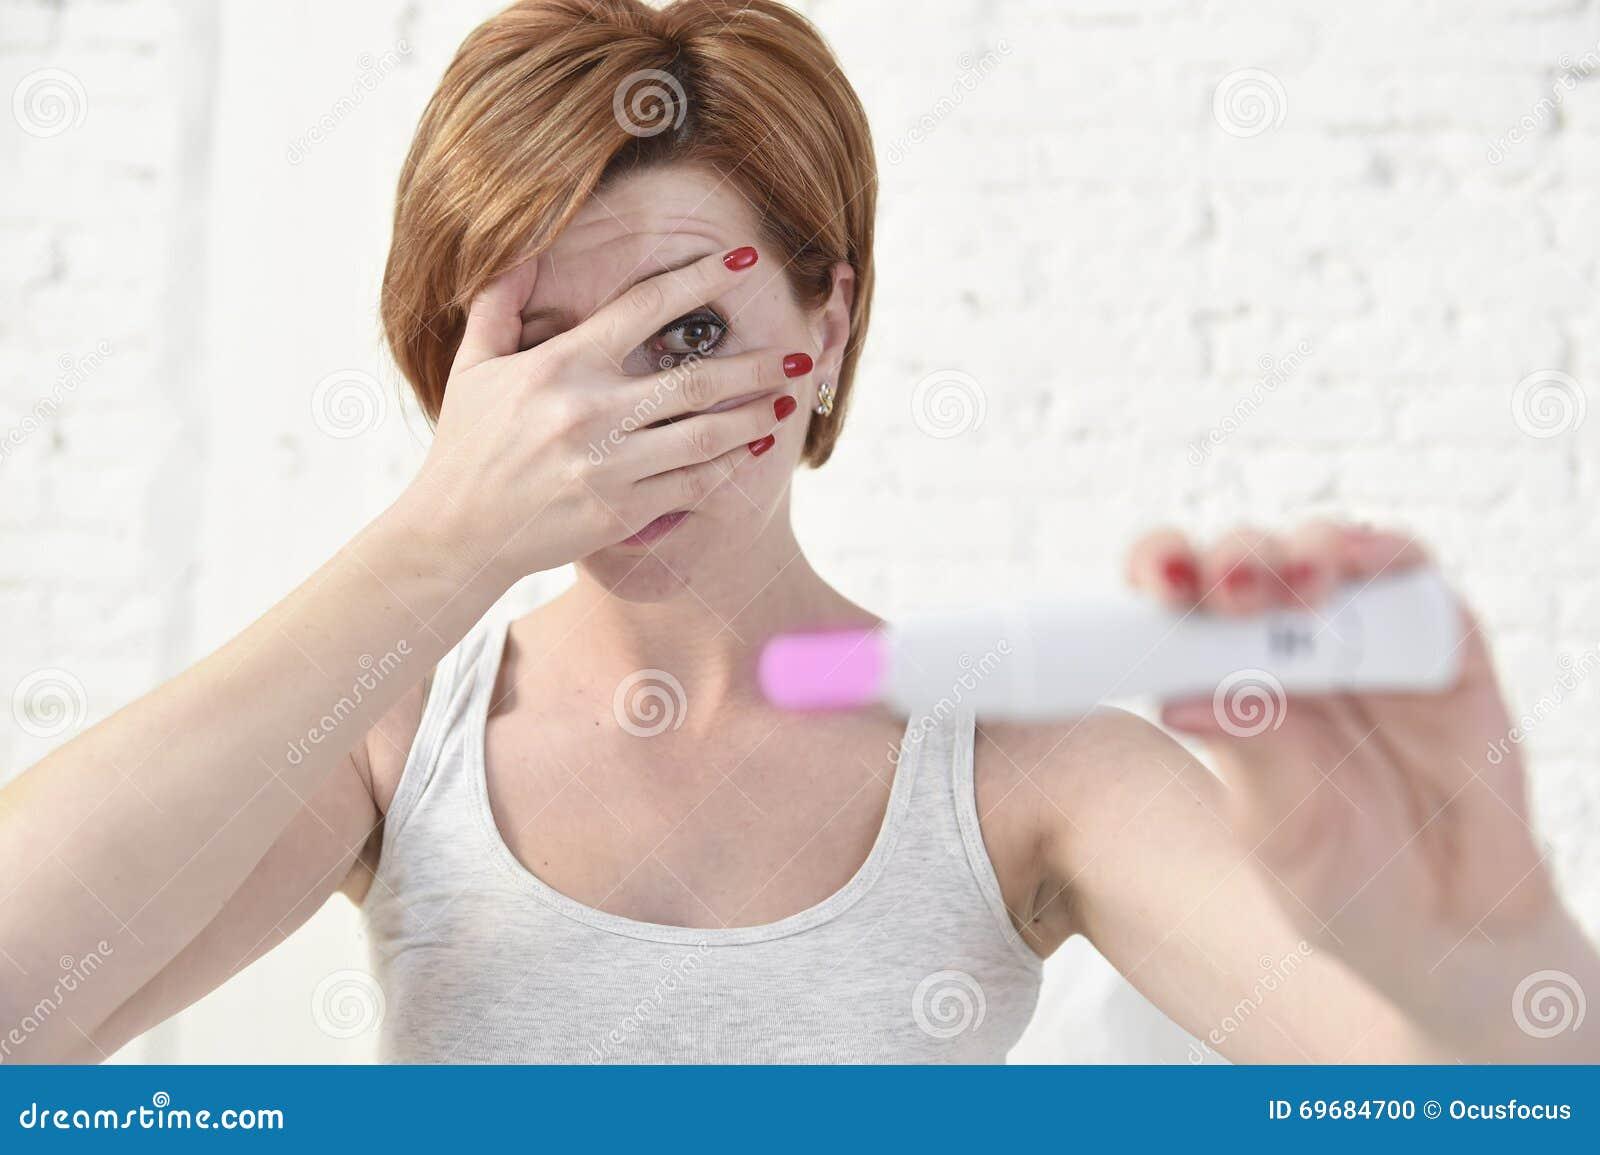 Mujer embarazada que lleva a cabo la prueba de embarazo positiva rosada que la cubre ojos con su mano